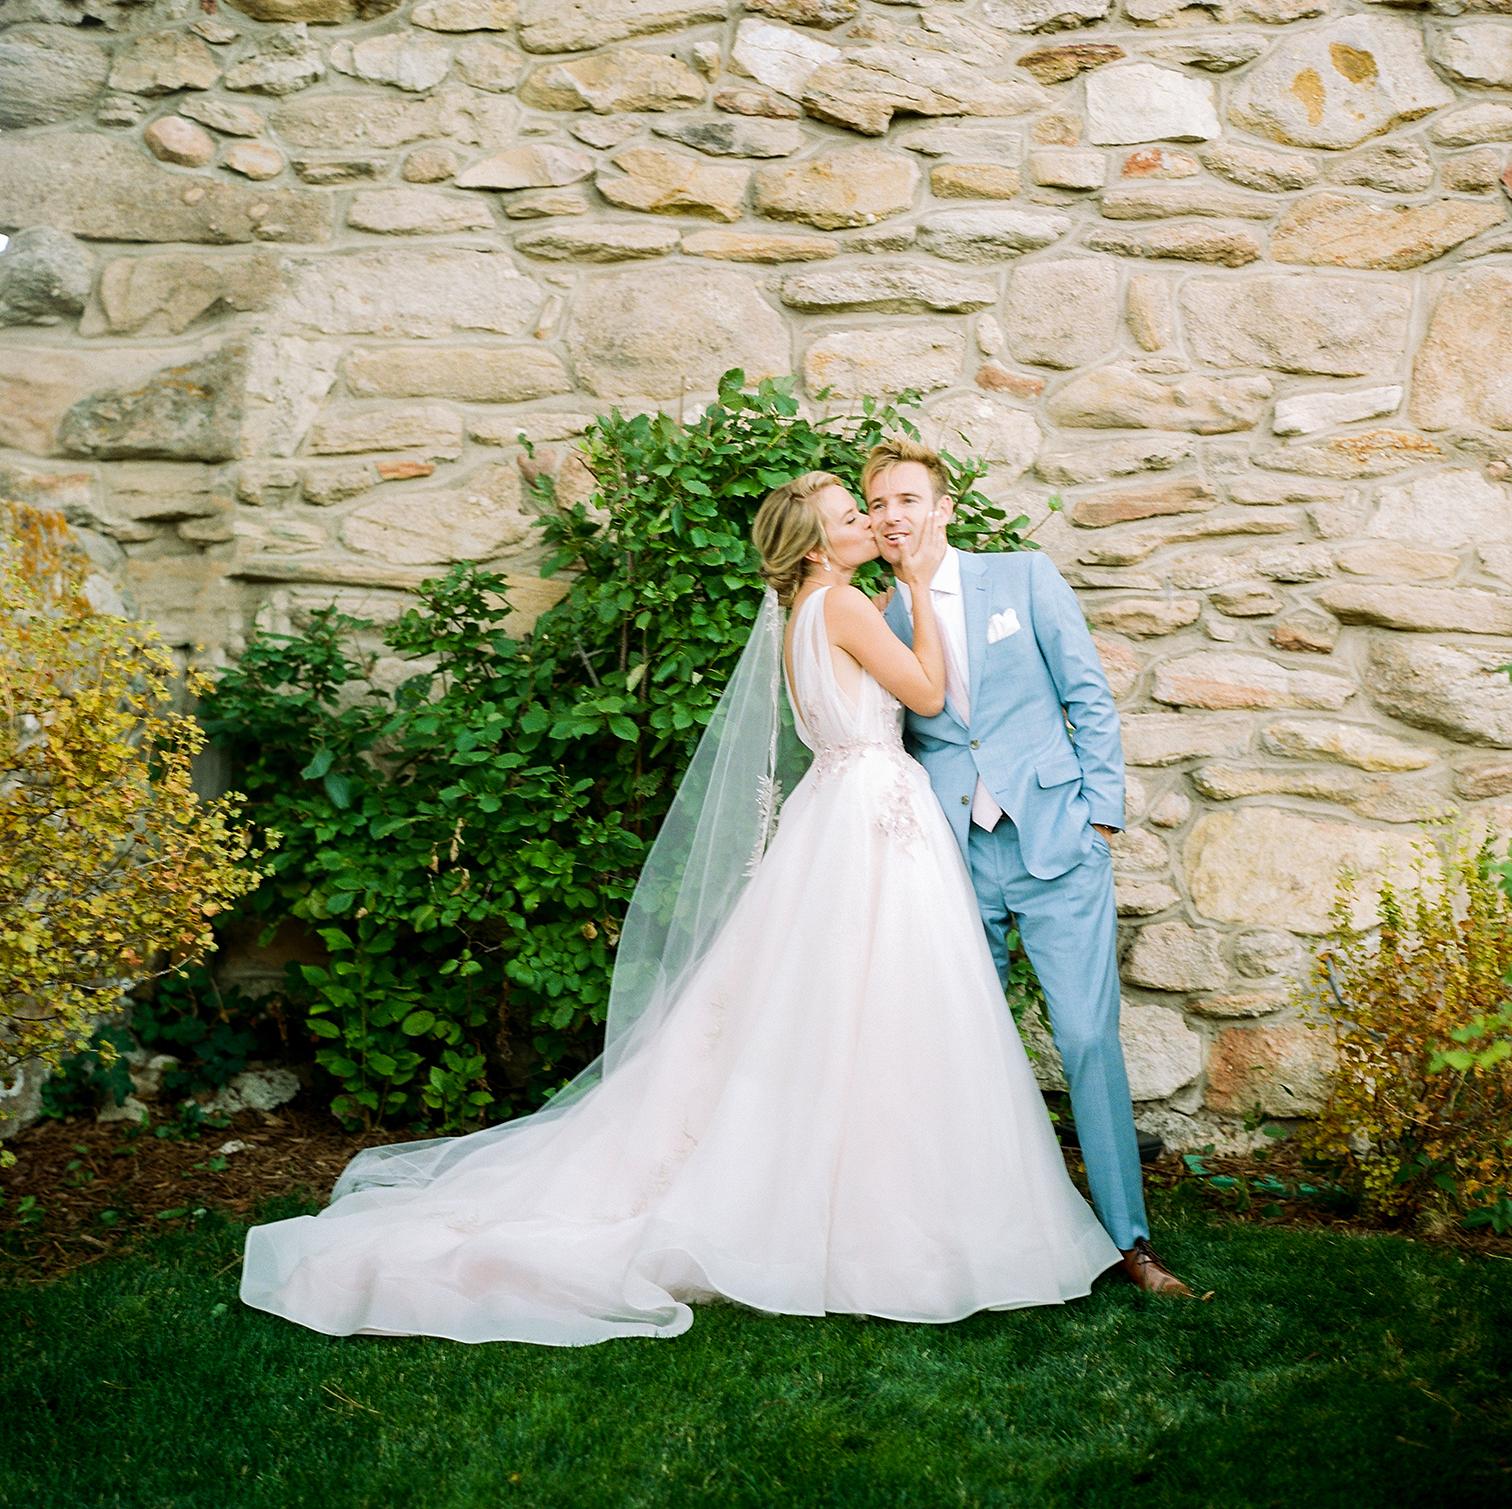 Wedding Photographers Colorado, Mountain Top First Look, Denver Wedding Photography